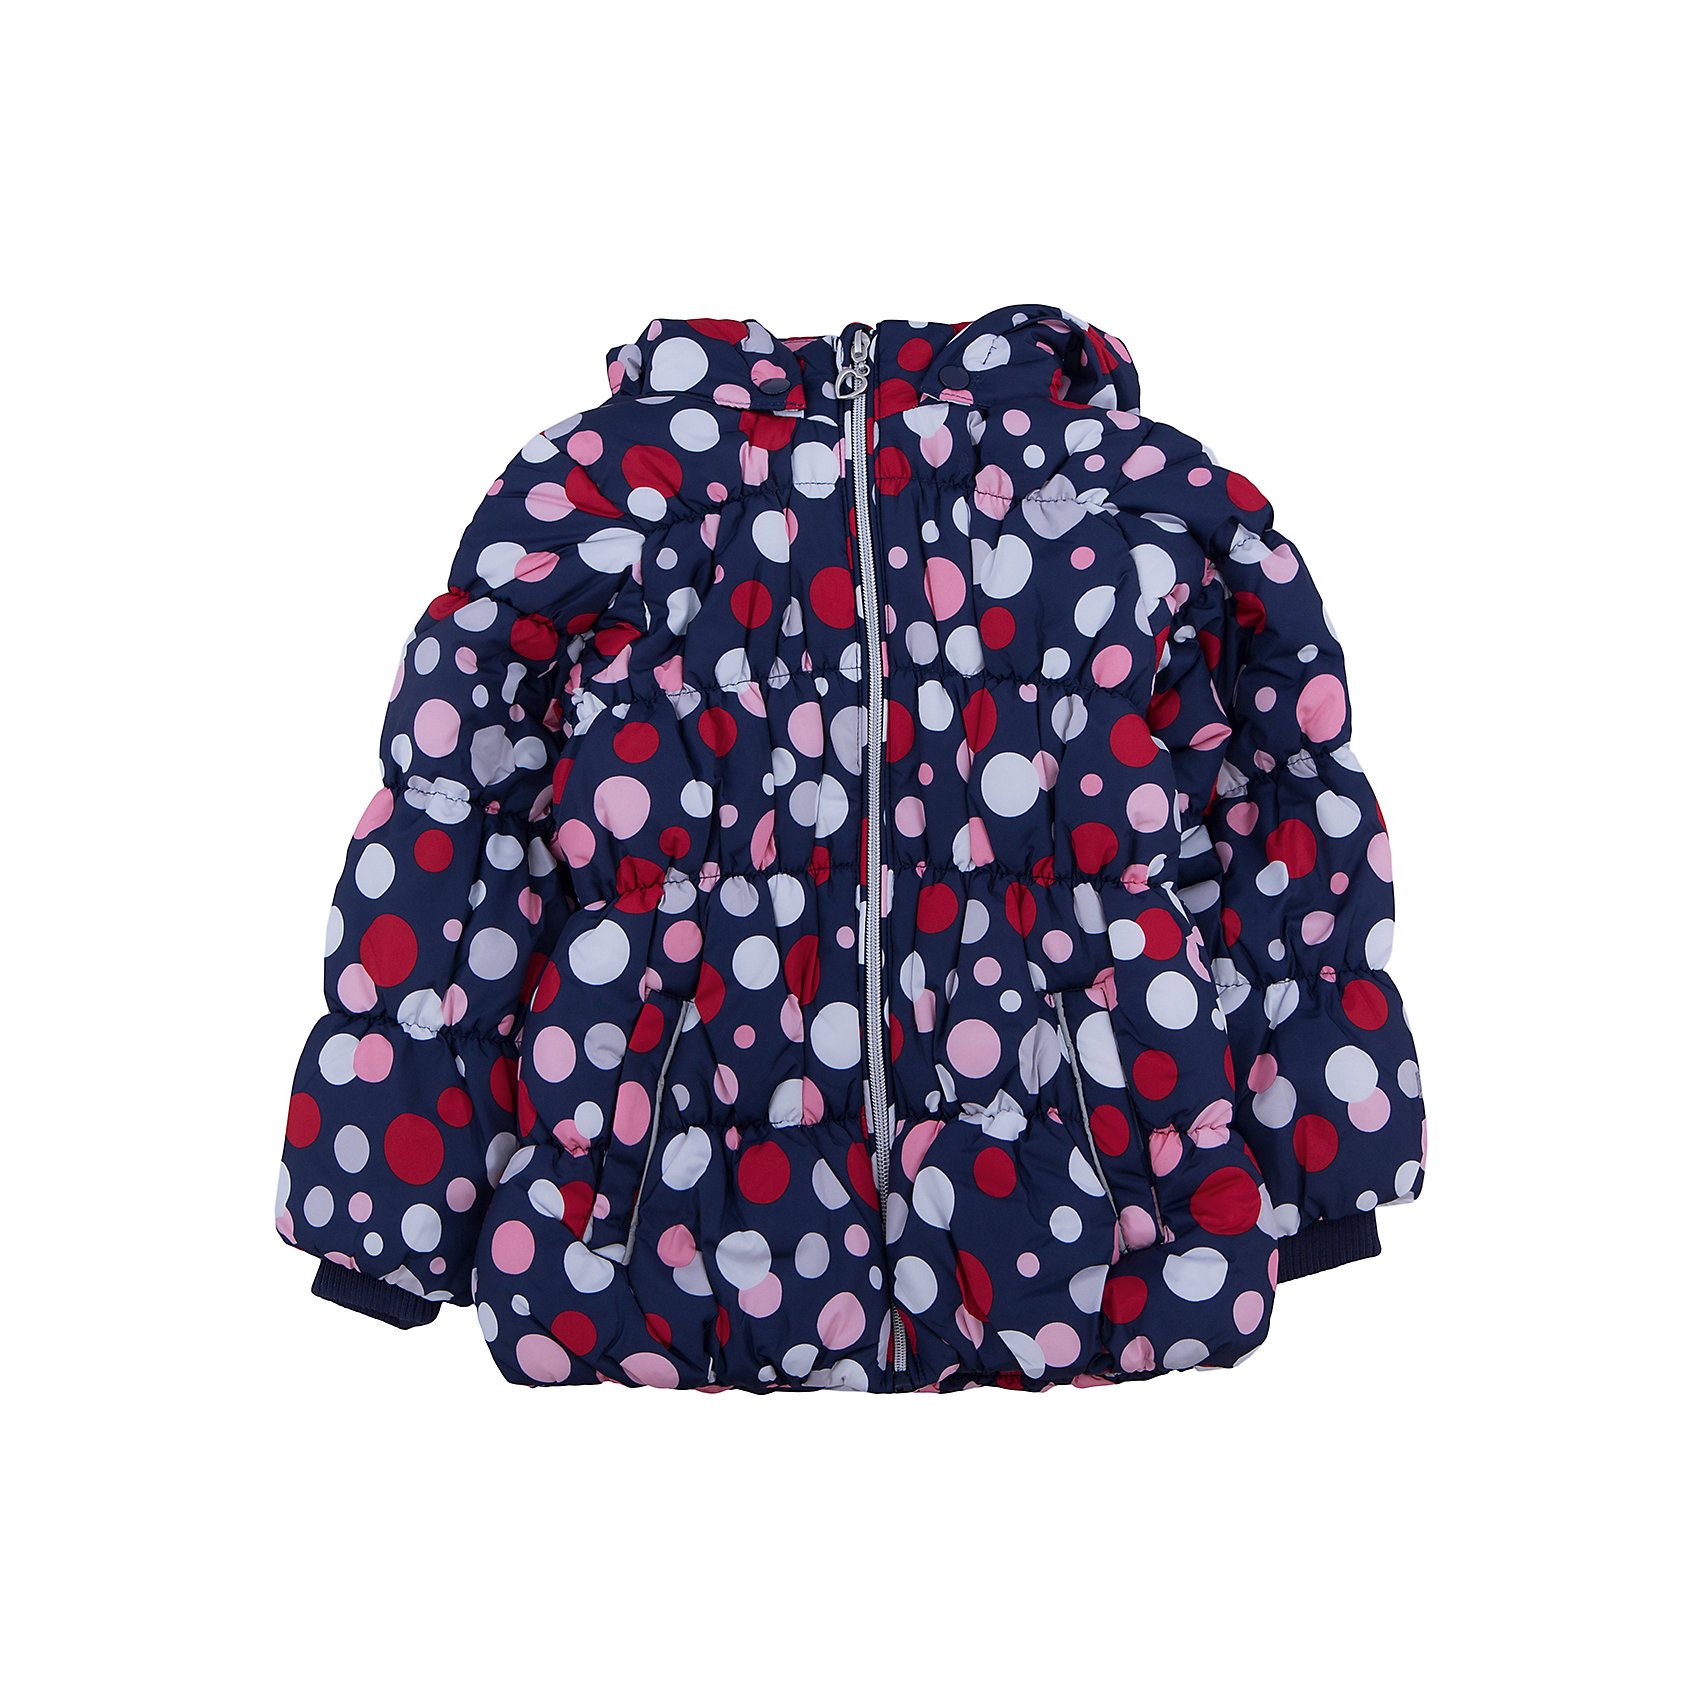 Куртка для девочки PlayTodayКуртка для девочки от известного бренда PlayToday.<br>Мягкая и теплая стеганая куртка. Украшена ярким принтом в цветной горошек. Садится точно по фигуре ребенка, надежно защищая от ветра, снега и дождя. Застегивается на молнию с защитой подбородка и фигурным пуллером сердечком. На рукавах трикотажные манжеты. Внутри подкладка таффета. Капюшон утягивается стопперами, есть два кармана на липучках.<br>Состав:<br>Верх: 100% полиэстер, Подкладка: 100% полиэстер, Наполнитель: 100% полиэстер, 250 г/м2<br><br>Ширина мм: 356<br>Глубина мм: 10<br>Высота мм: 245<br>Вес г: 519<br>Цвет: разноцветный<br>Возраст от месяцев: 36<br>Возраст до месяцев: 48<br>Пол: Женский<br>Возраст: Детский<br>Размер: 104,122,98,110,116,128<br>SKU: 4897096